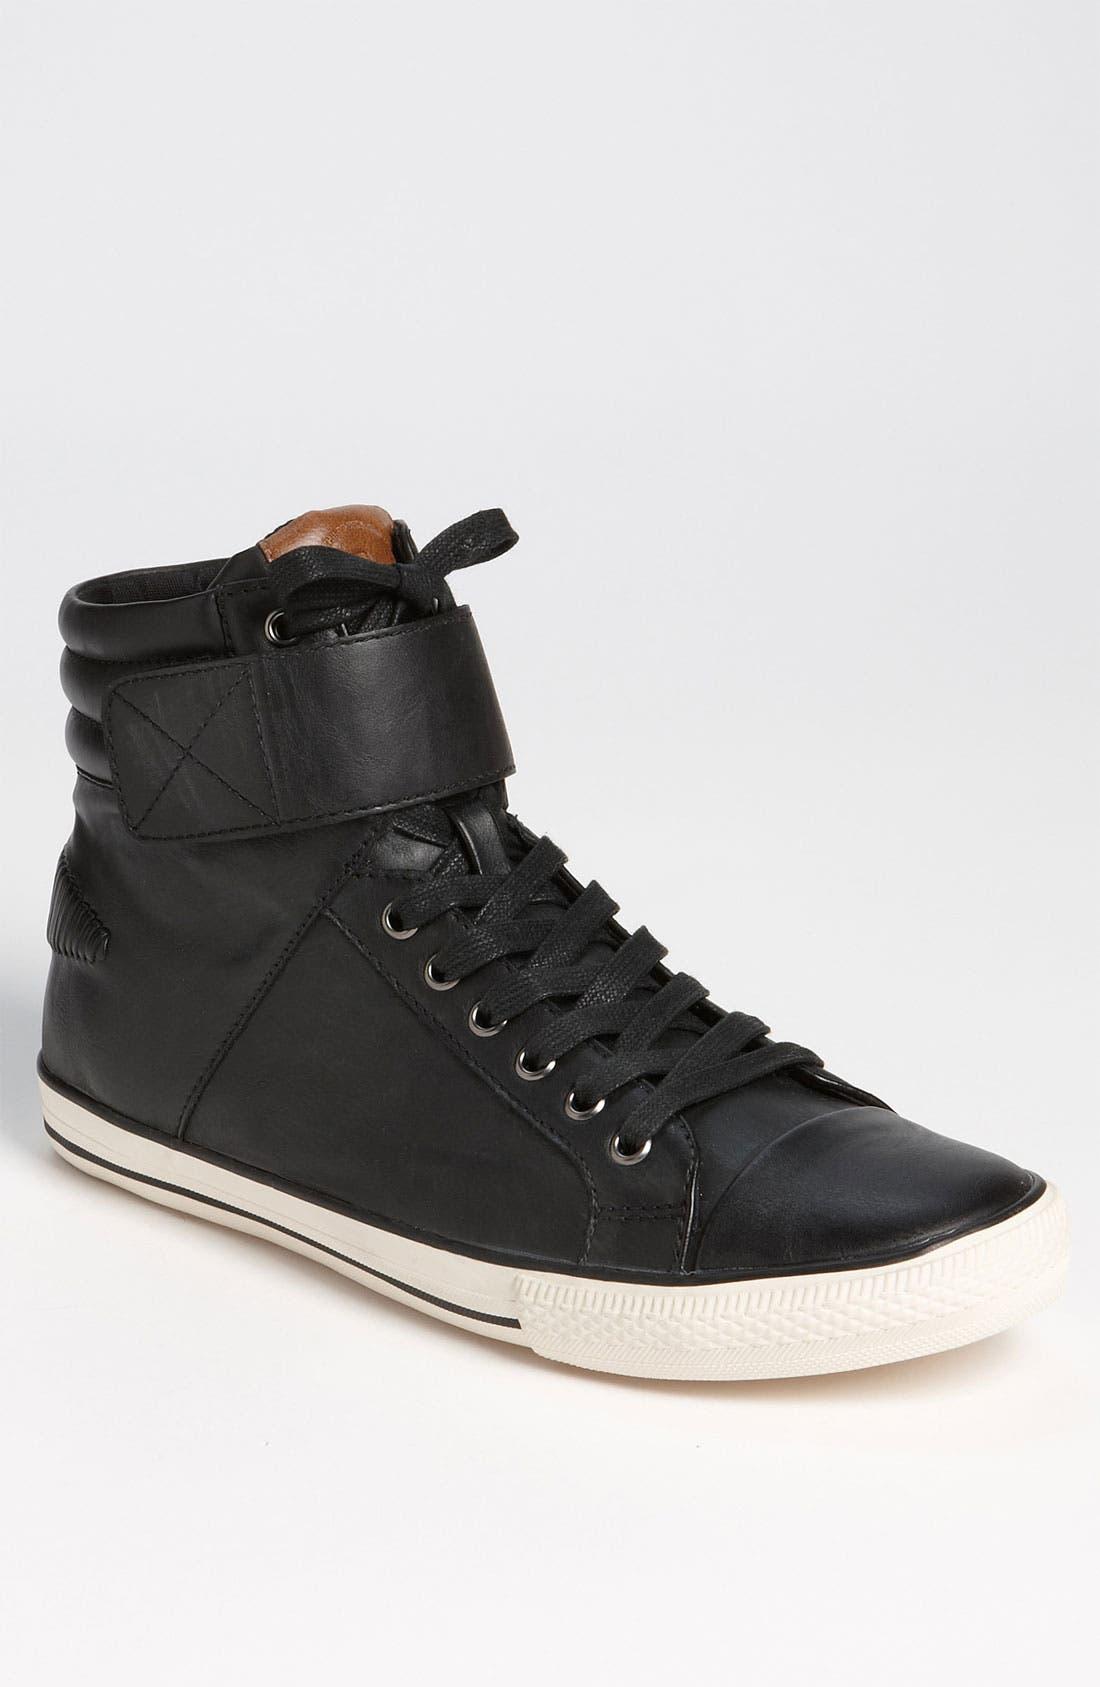 Main Image - ALDO 'Heit' High Top Sneaker